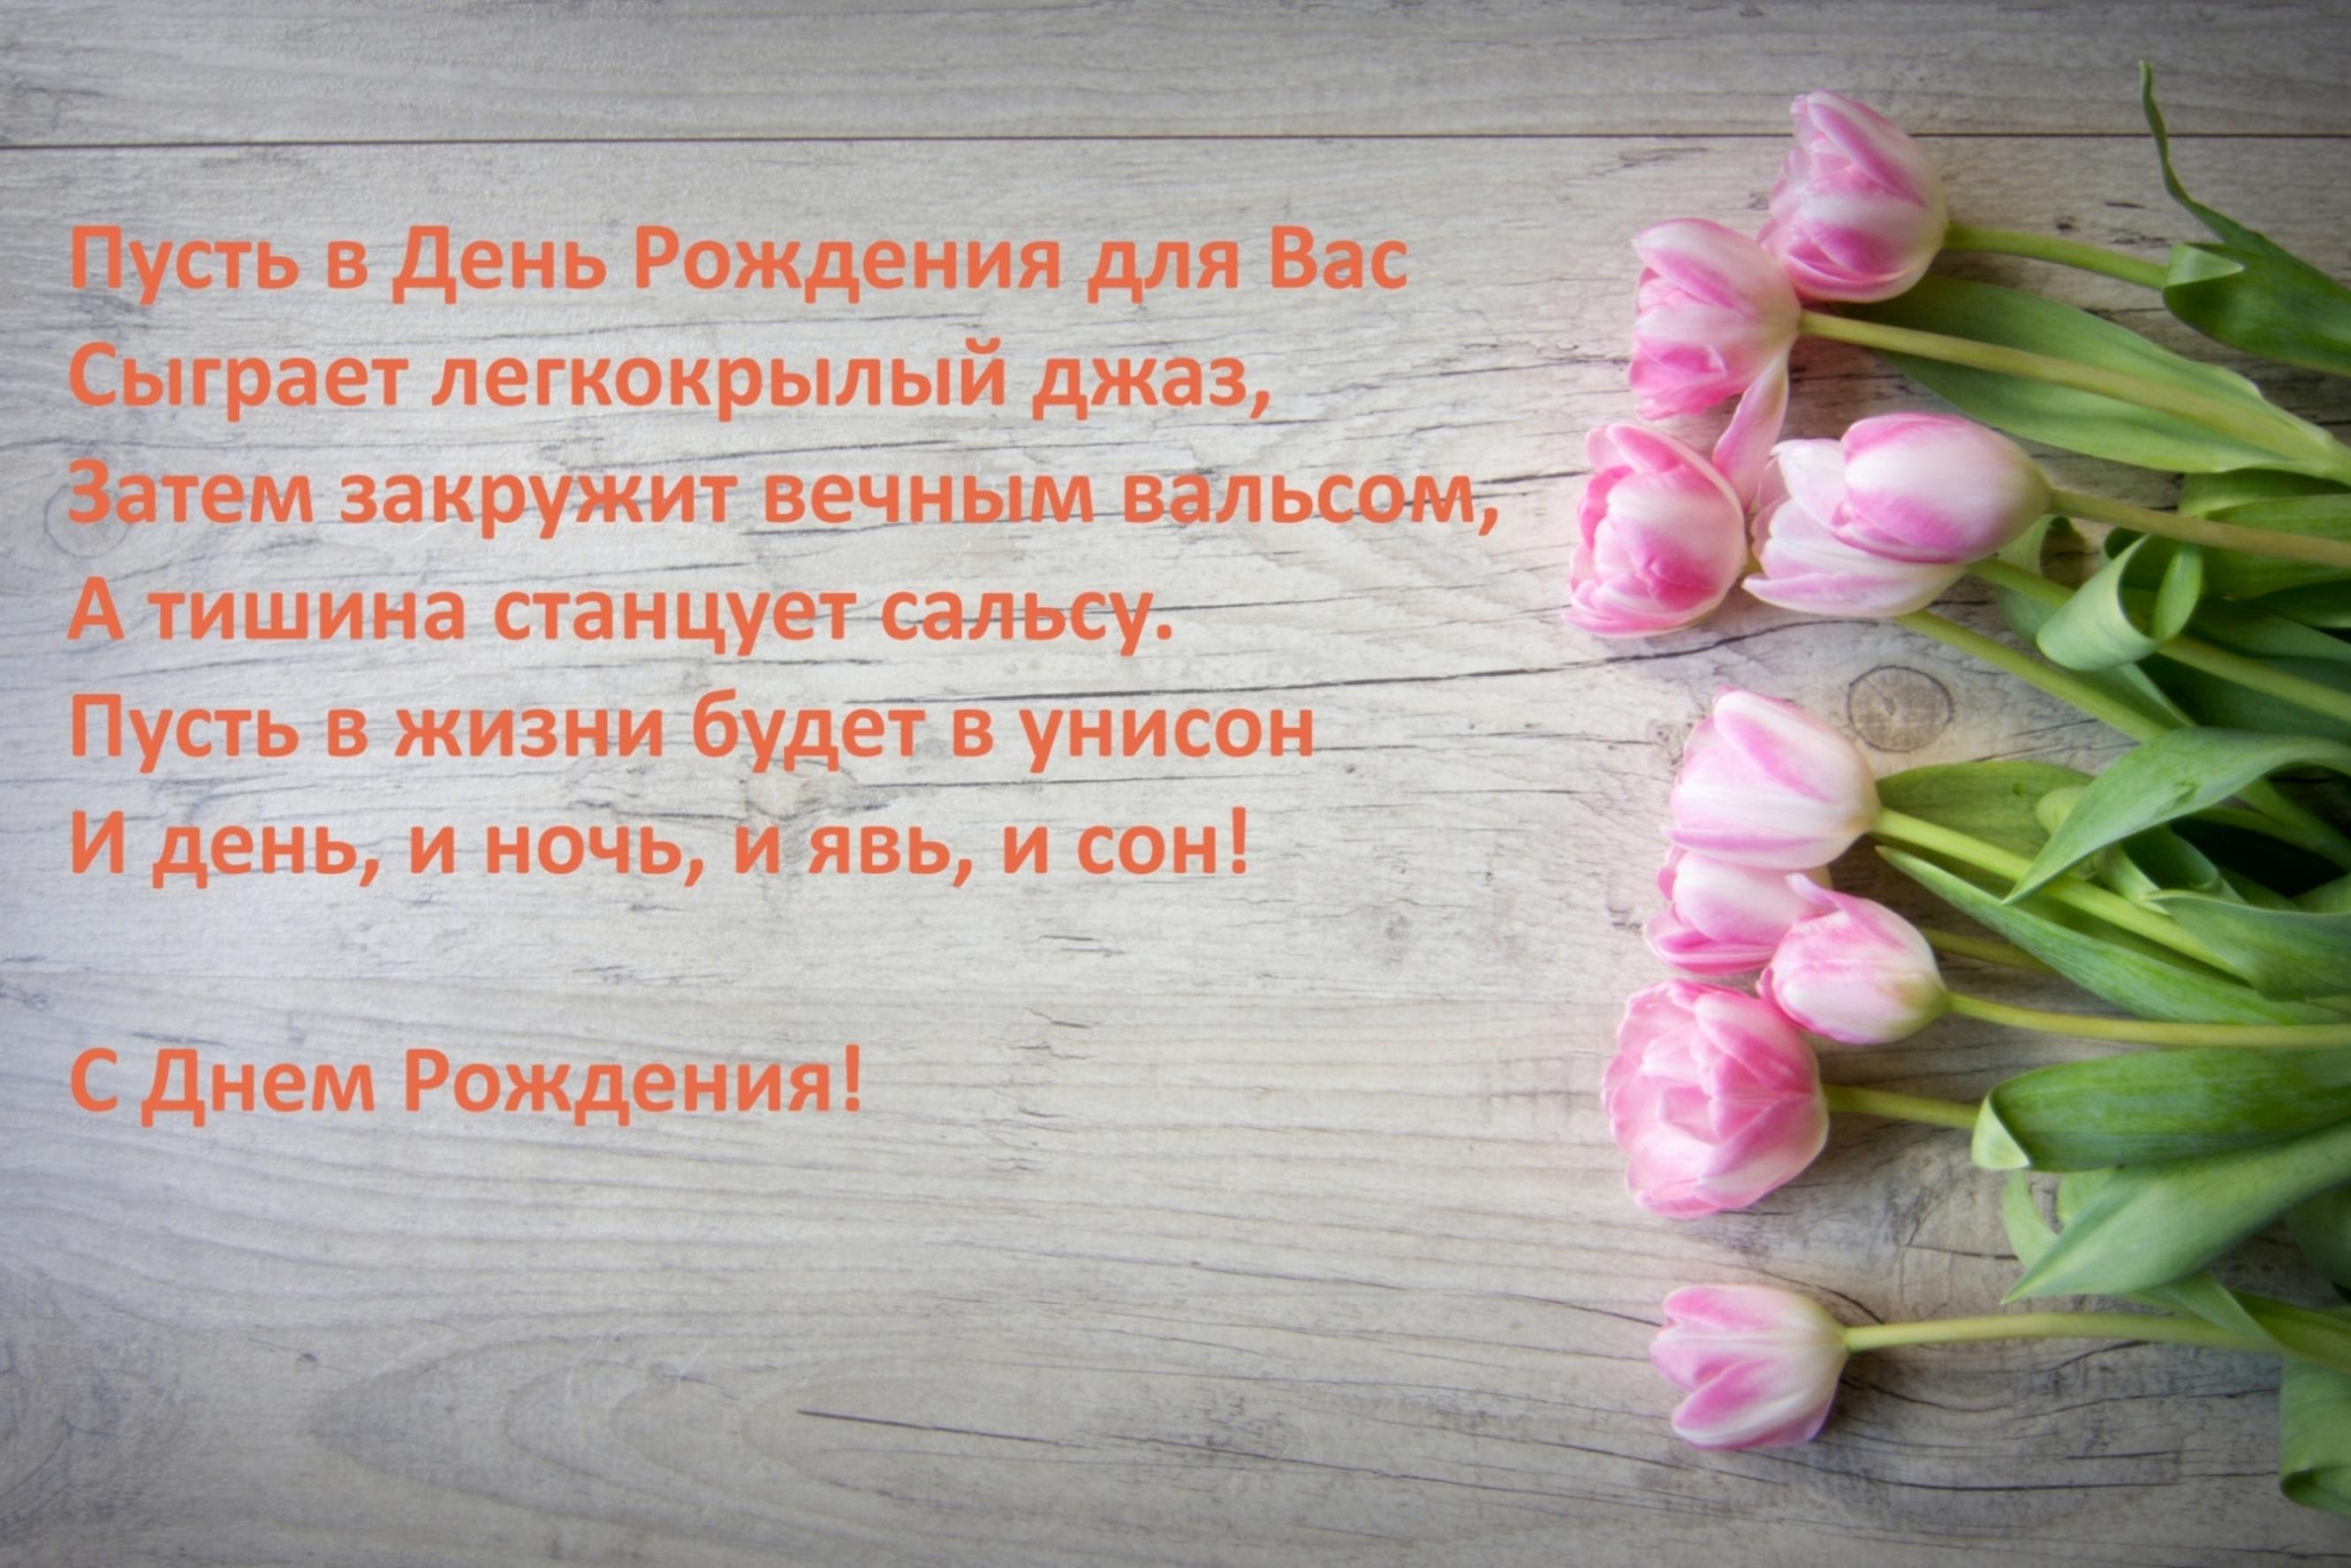 Поздравление с днем рождения на татарском языке с переводом своими словами